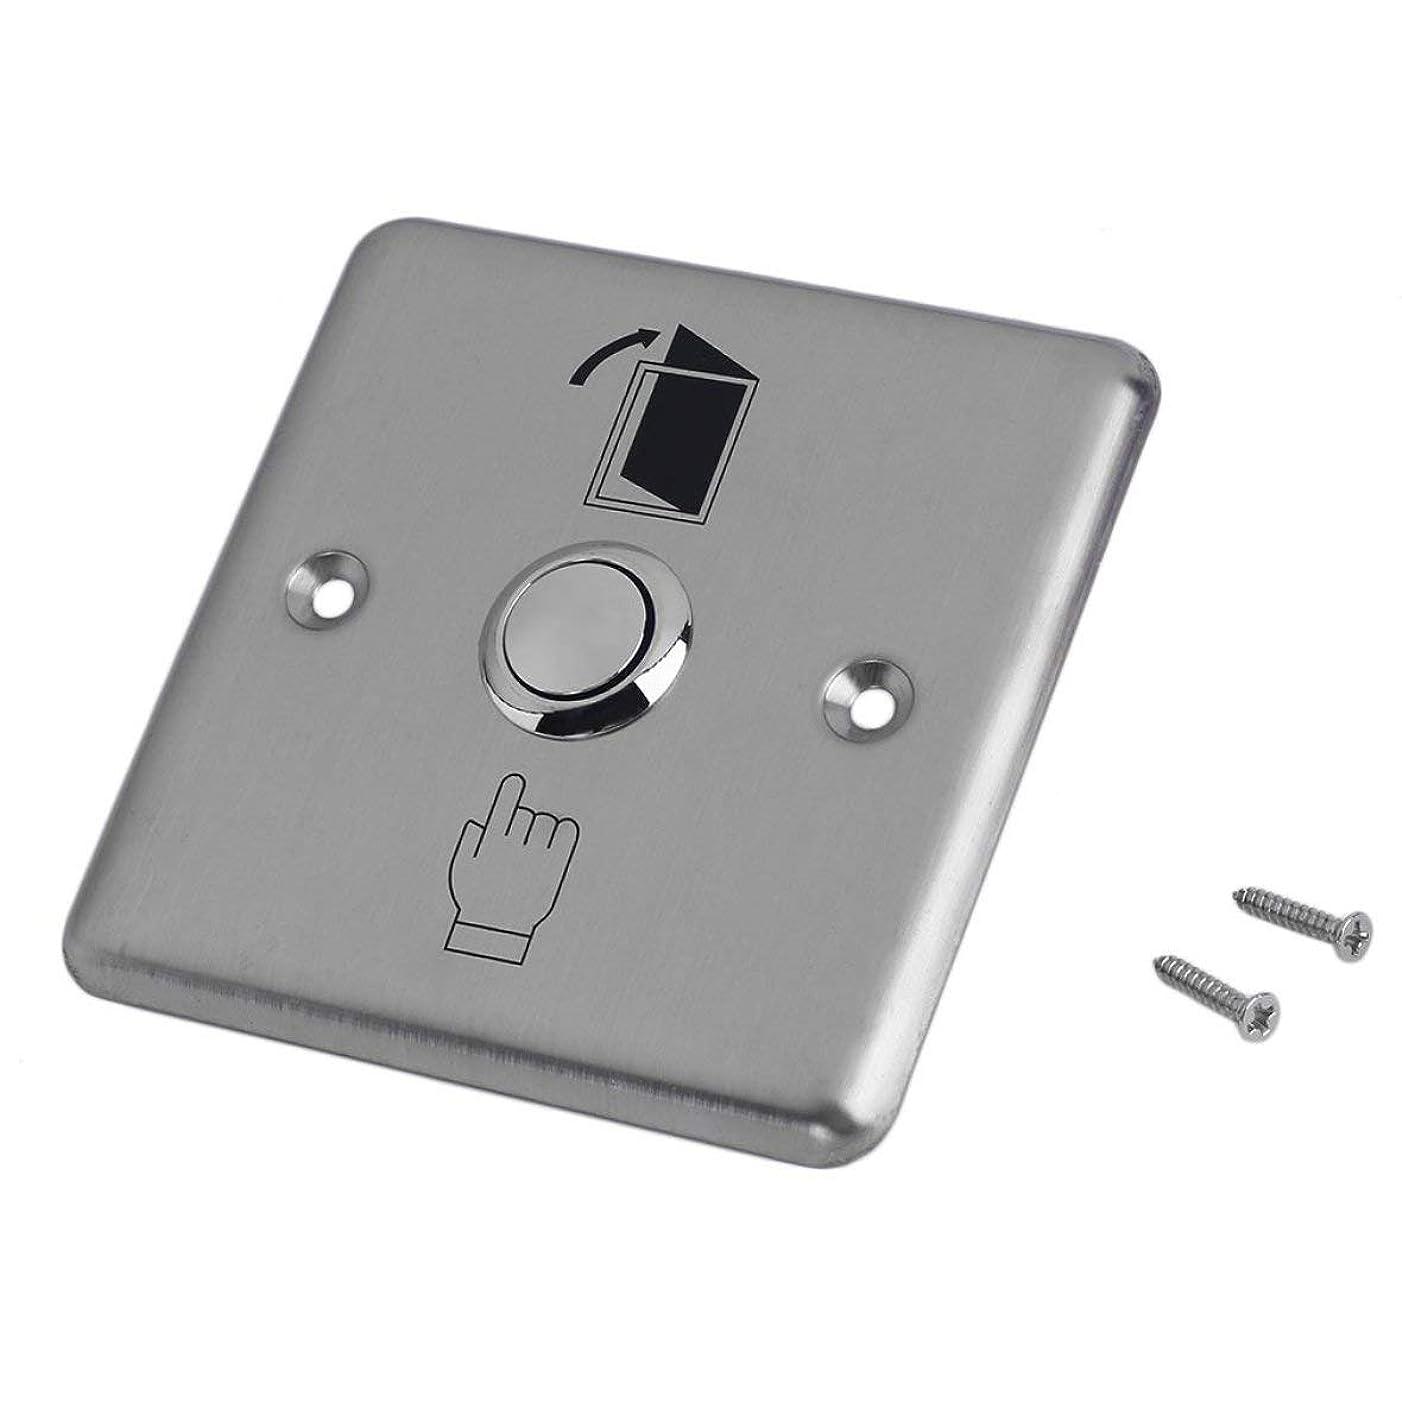 ワークショップアスレチックつまらないBlackfell ドアコントロールボタンスイッチステンレス鋼ホームハウスドア出口制御オープンリリースプッシュボタンスイッチK14ゲートオープナーアクセスグッドヘルパー